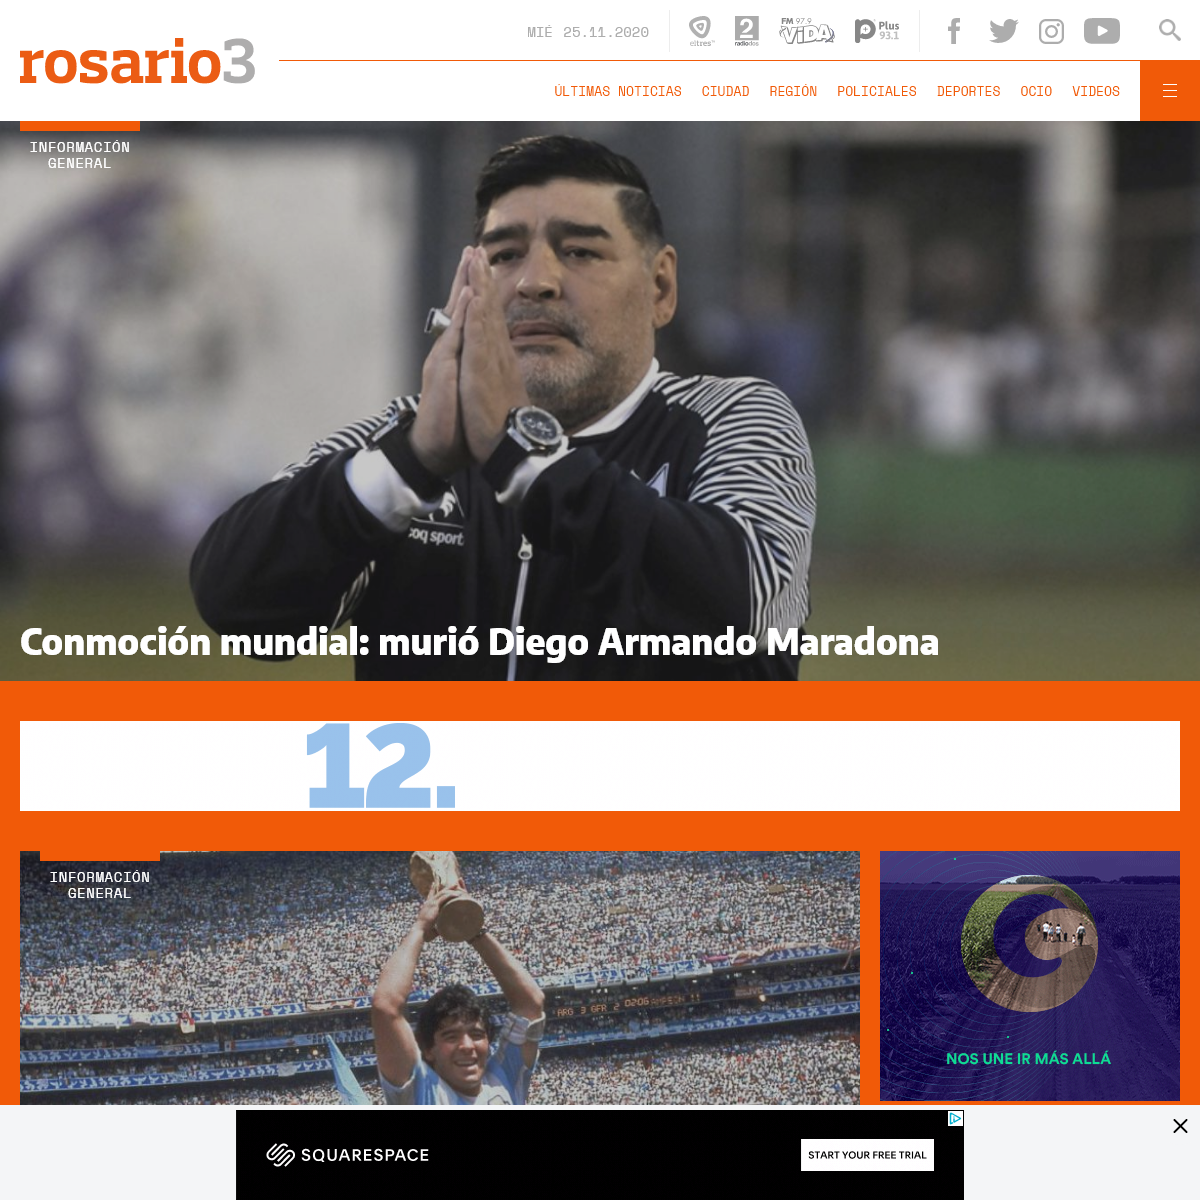 Rosario3.com - Noticias de Rosario, toda la información al instante, con deporte y entretenimiento